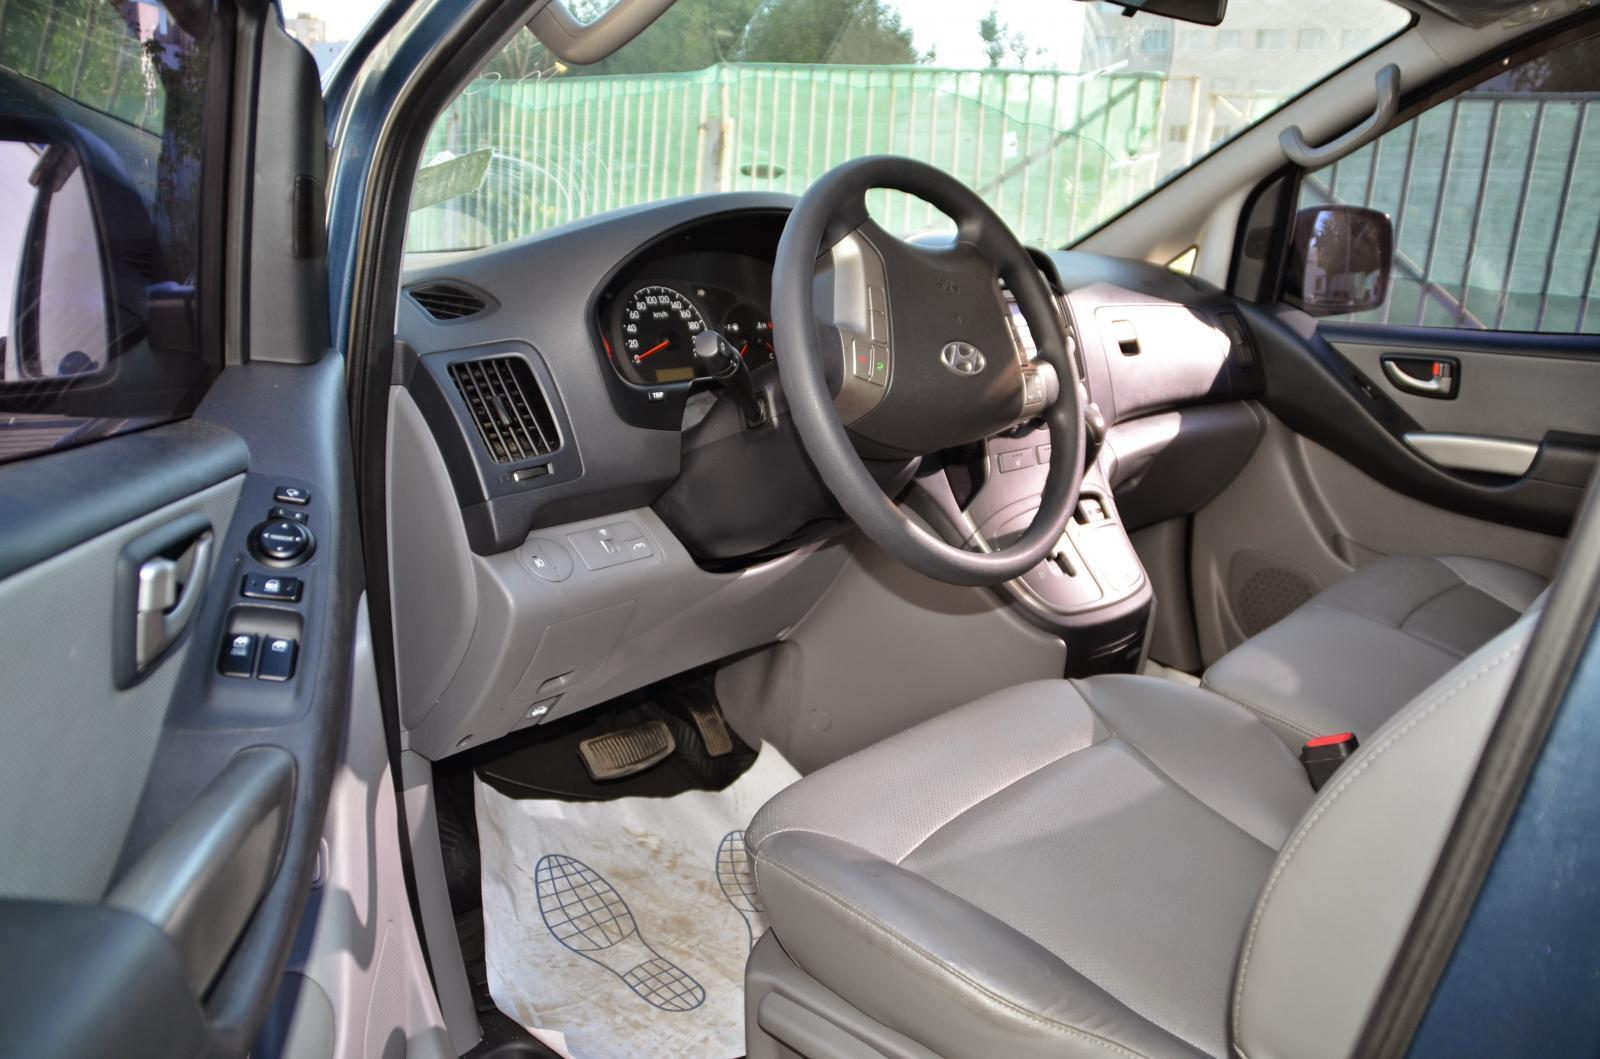 Hyundai Starex (H-1) 2013г.